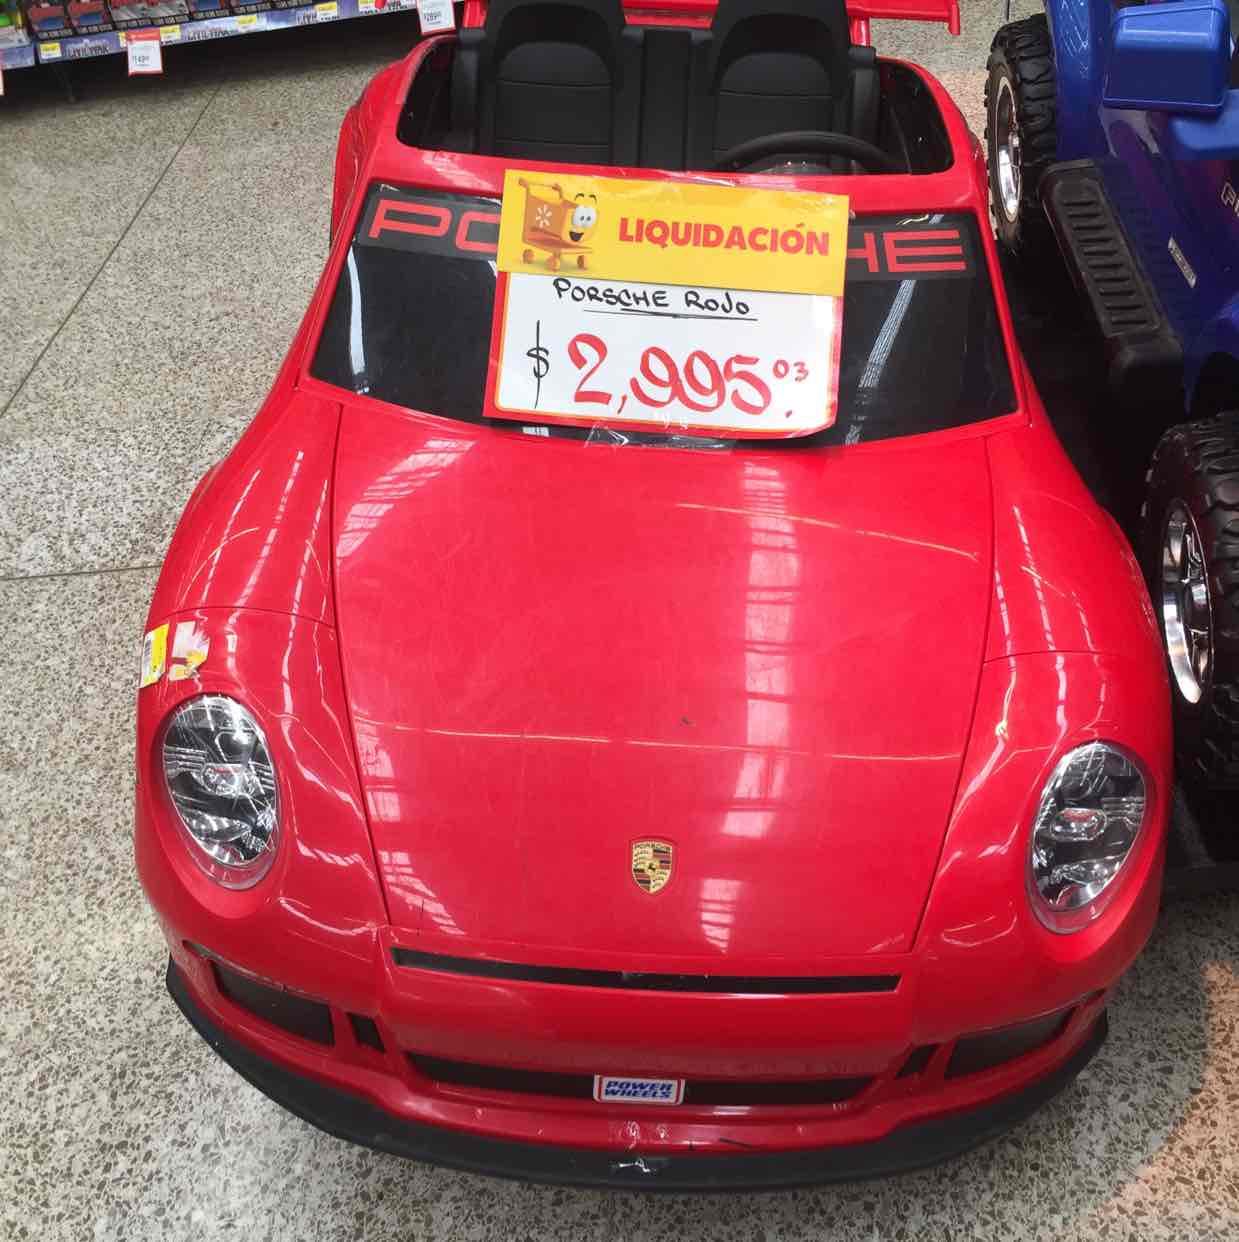 Walmart: liquidación Montable Eléctrico Power Wheels Porsche 911 GT3 a $2,995